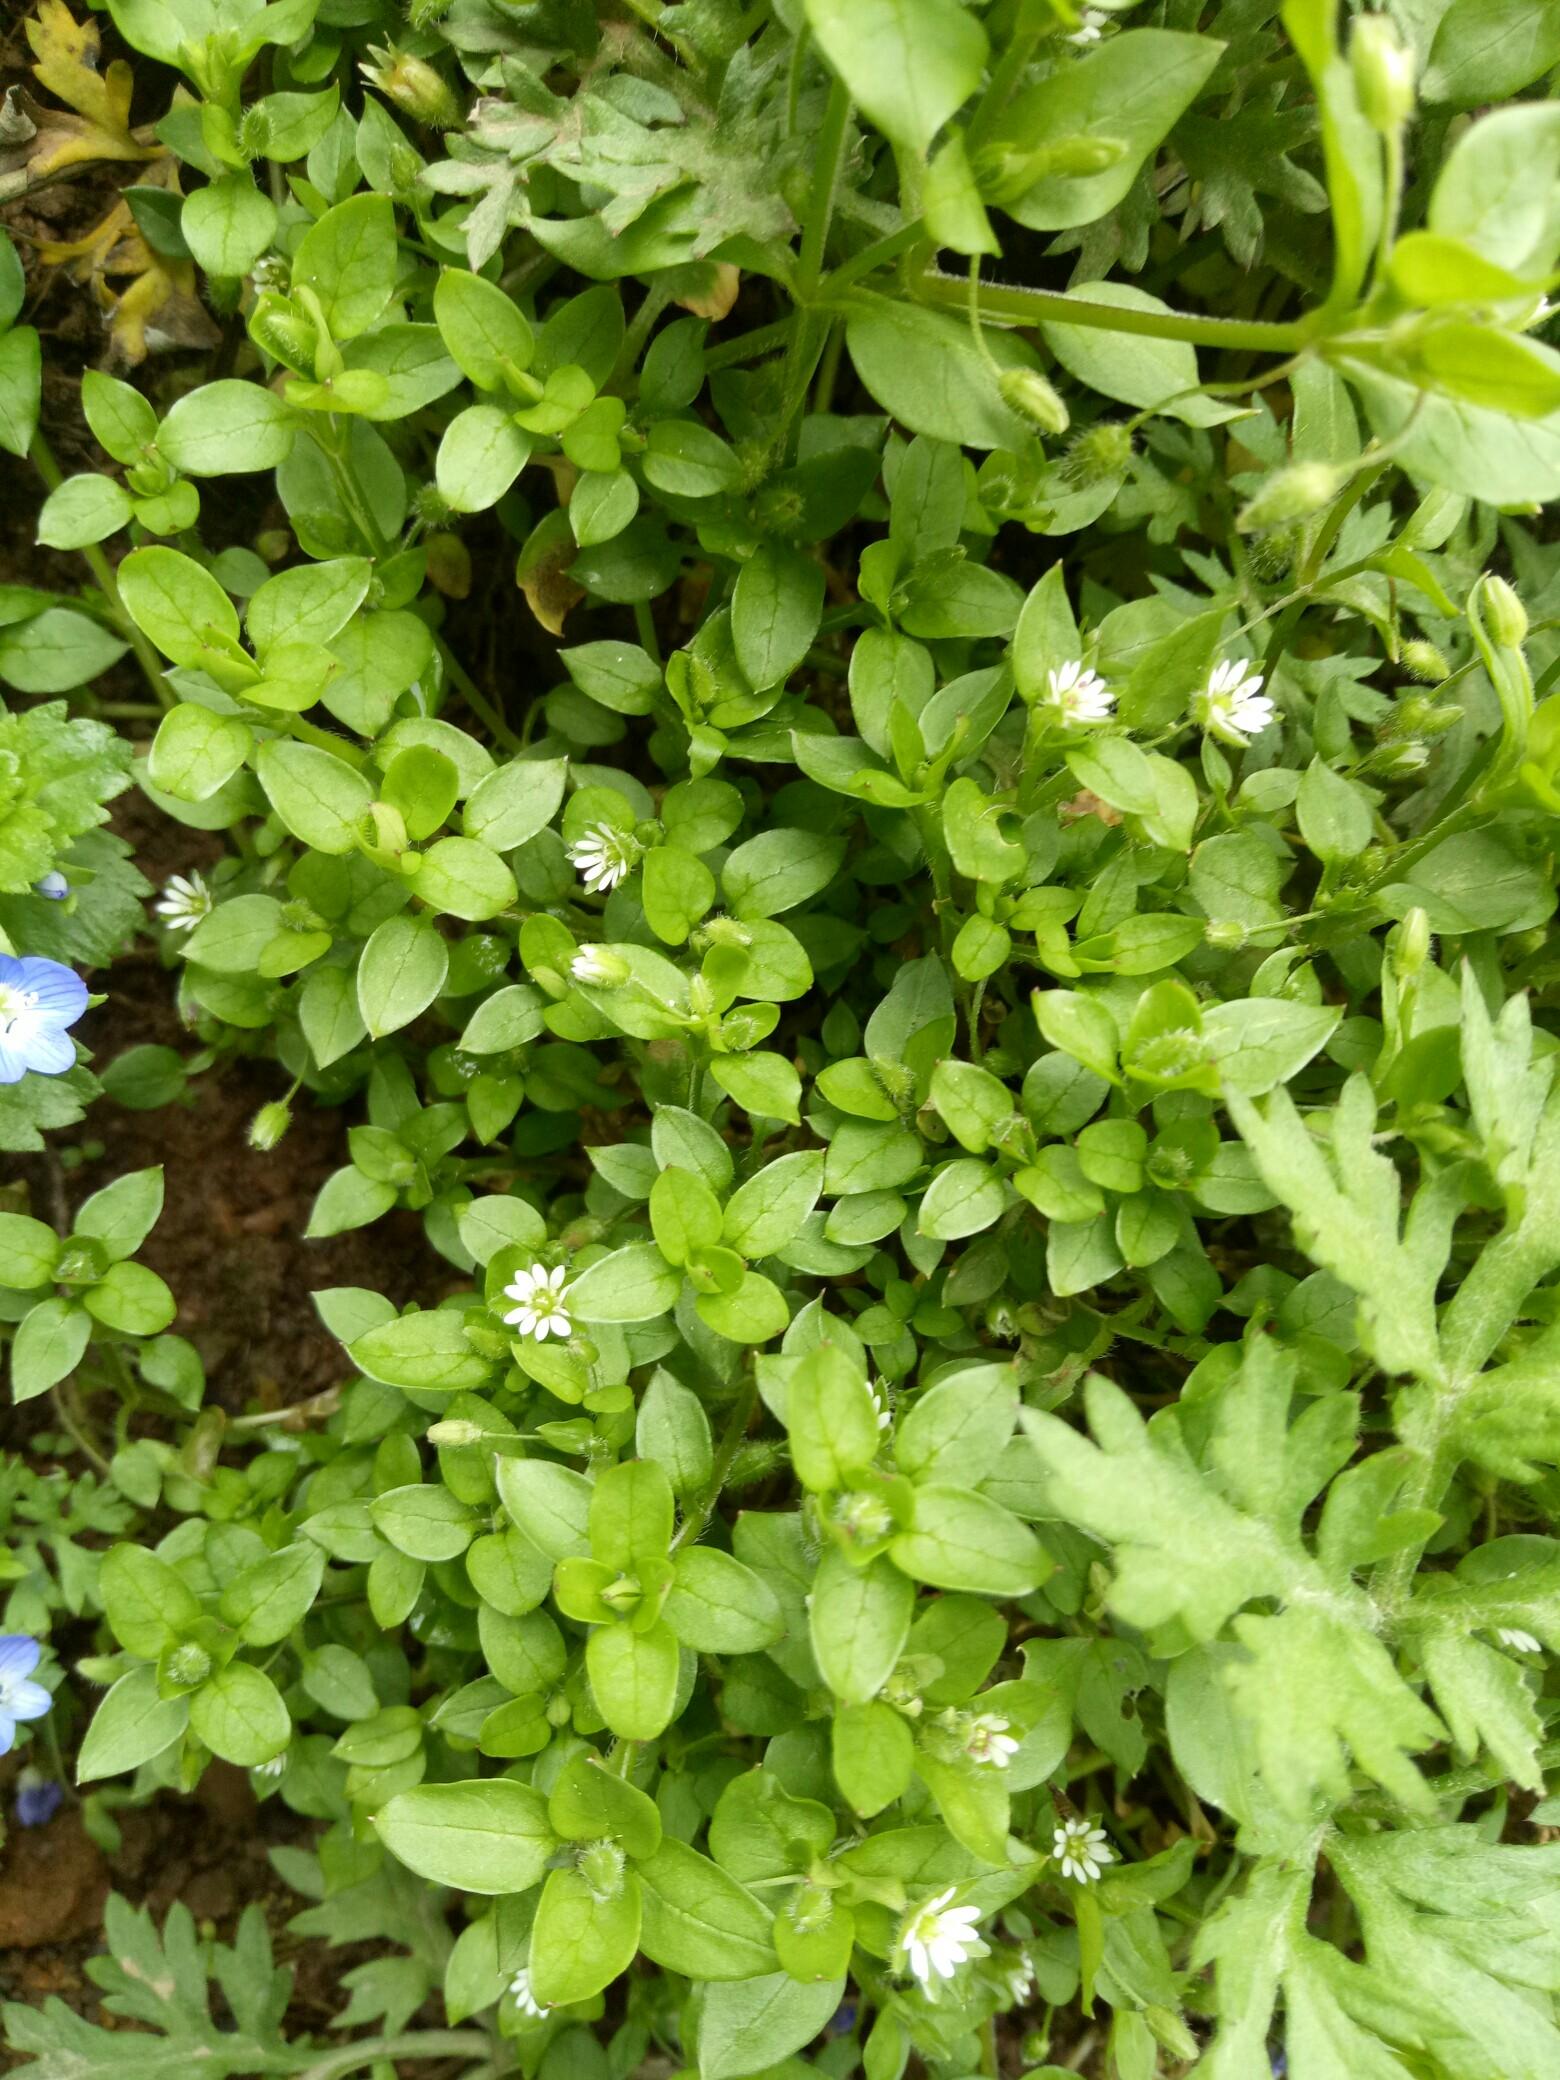 春天的手机壁纸高清-绿色高清护眼图片大全_图片风景